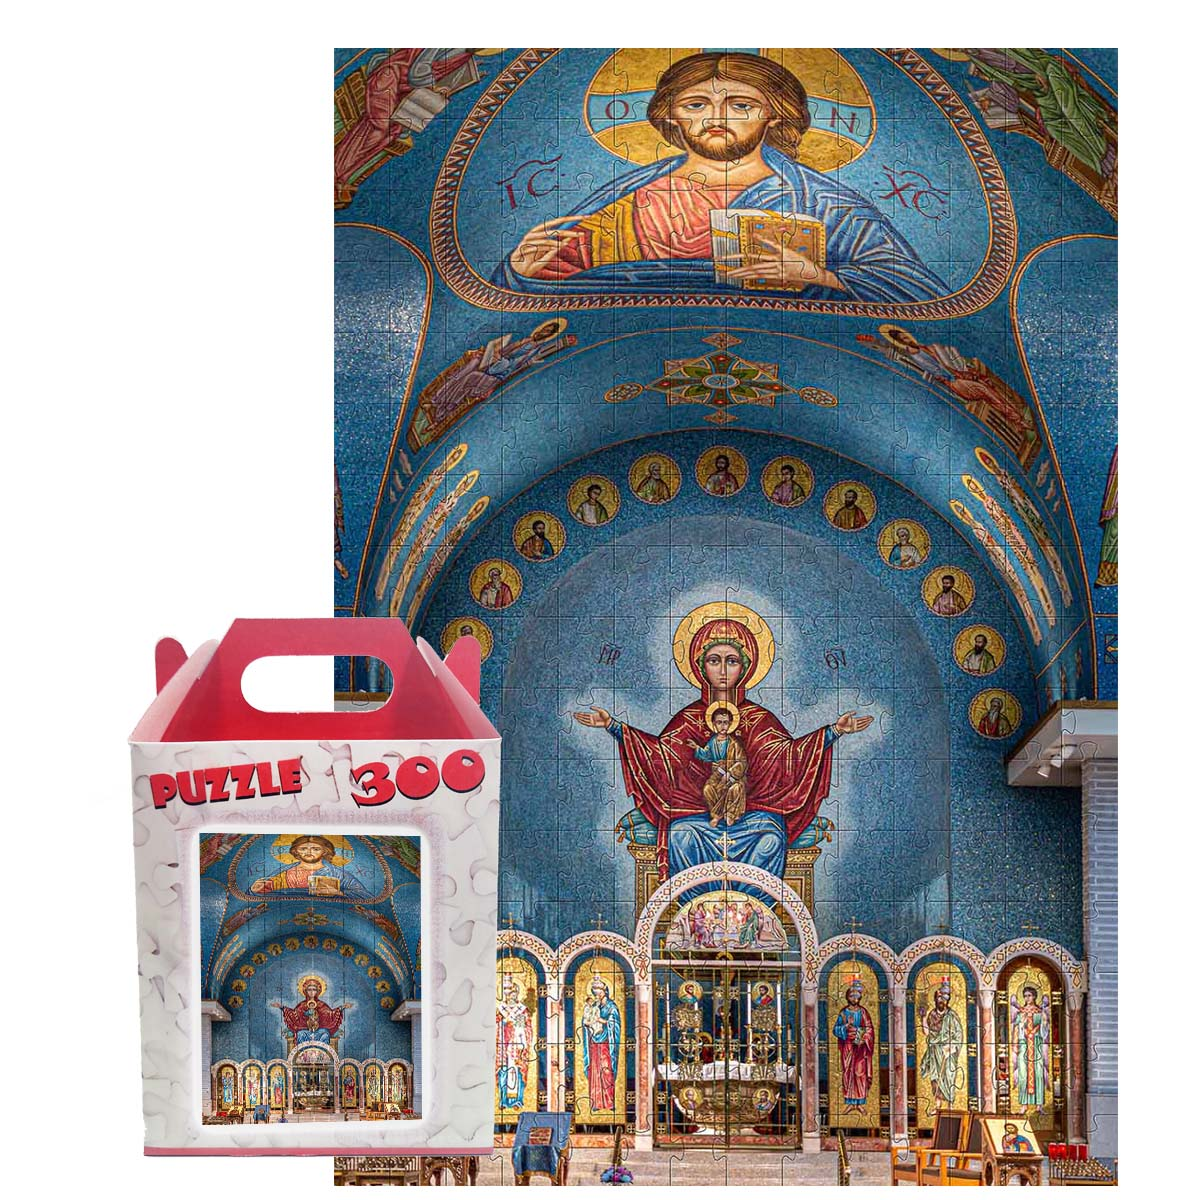 Quebra-cabeça Puzzle Capela Arte Religiosa 300 peças